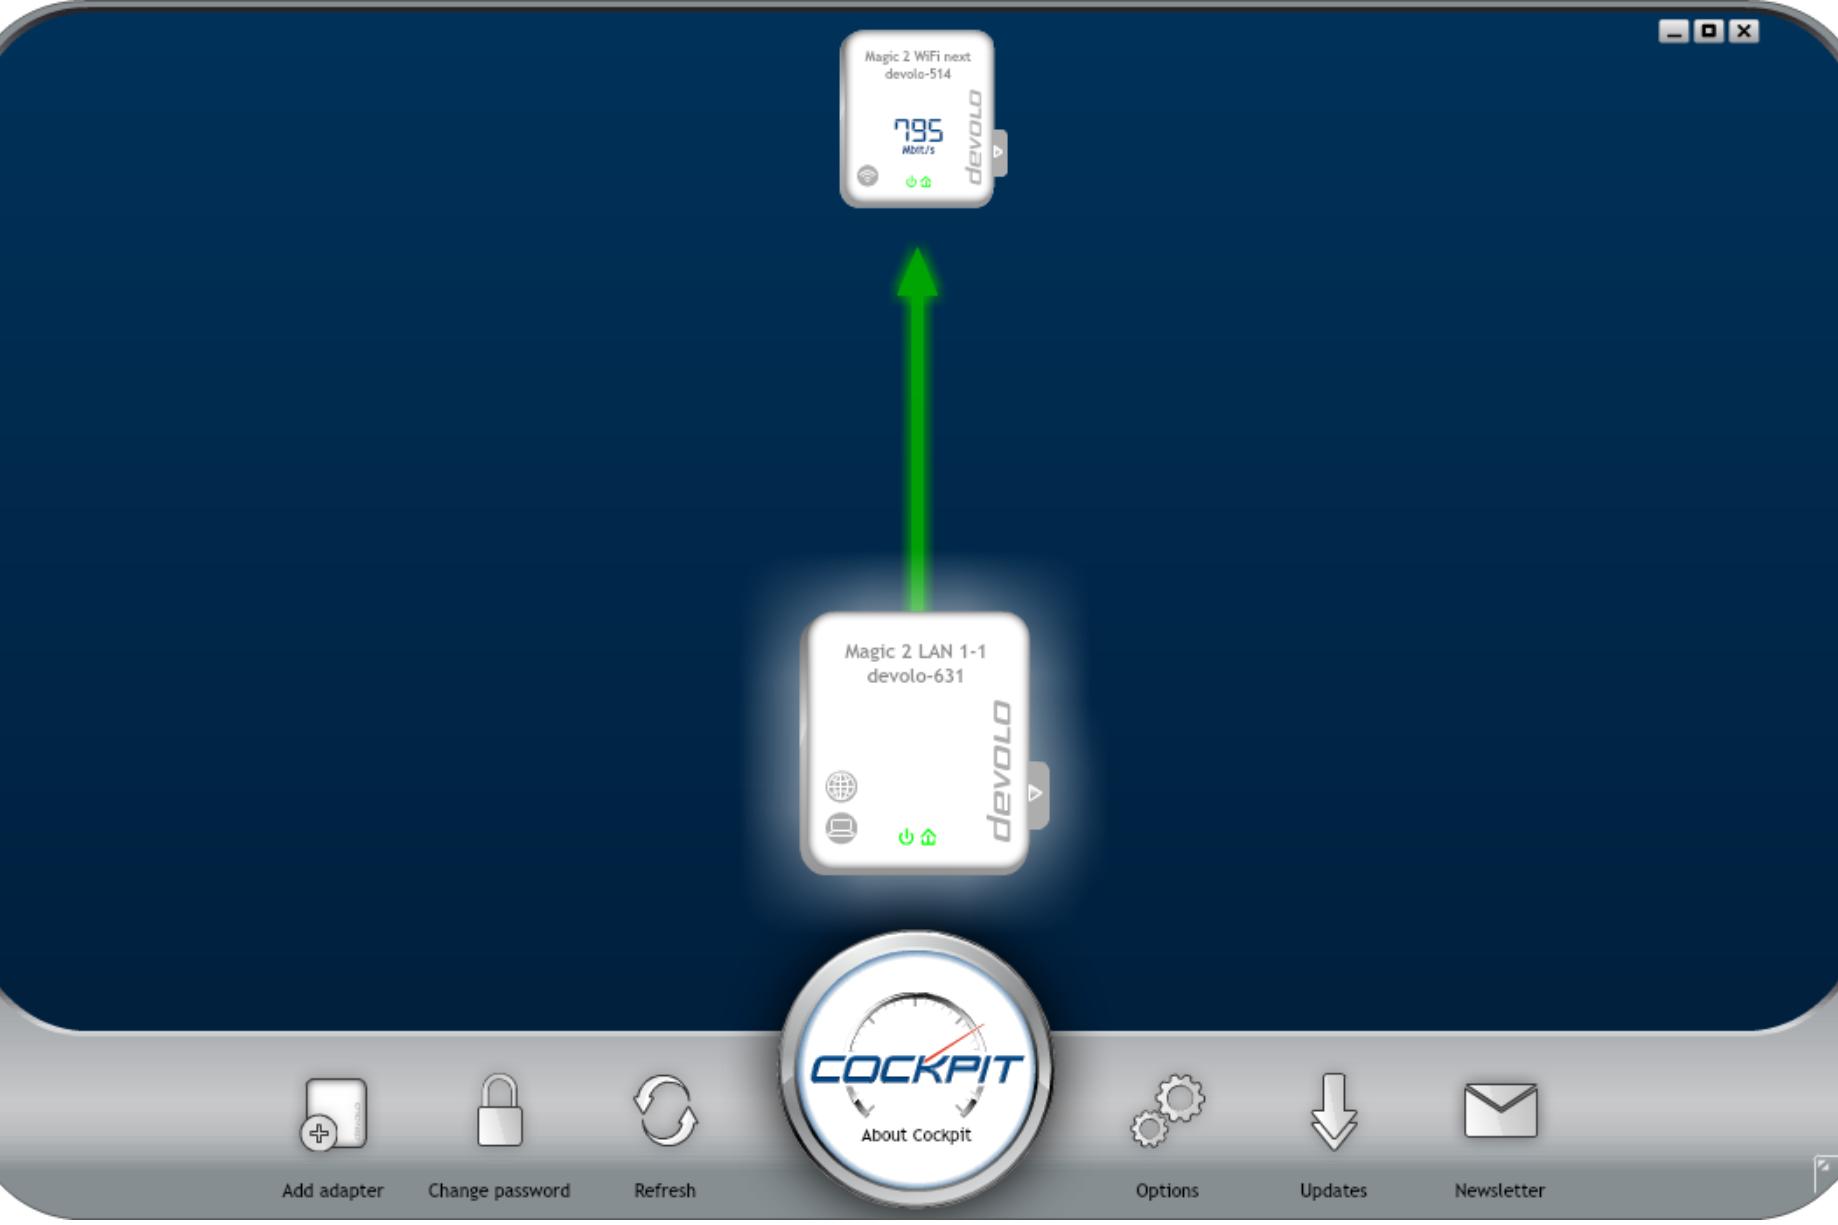 Devolo Magic 2 WiFi suivant Devolo Cockpit